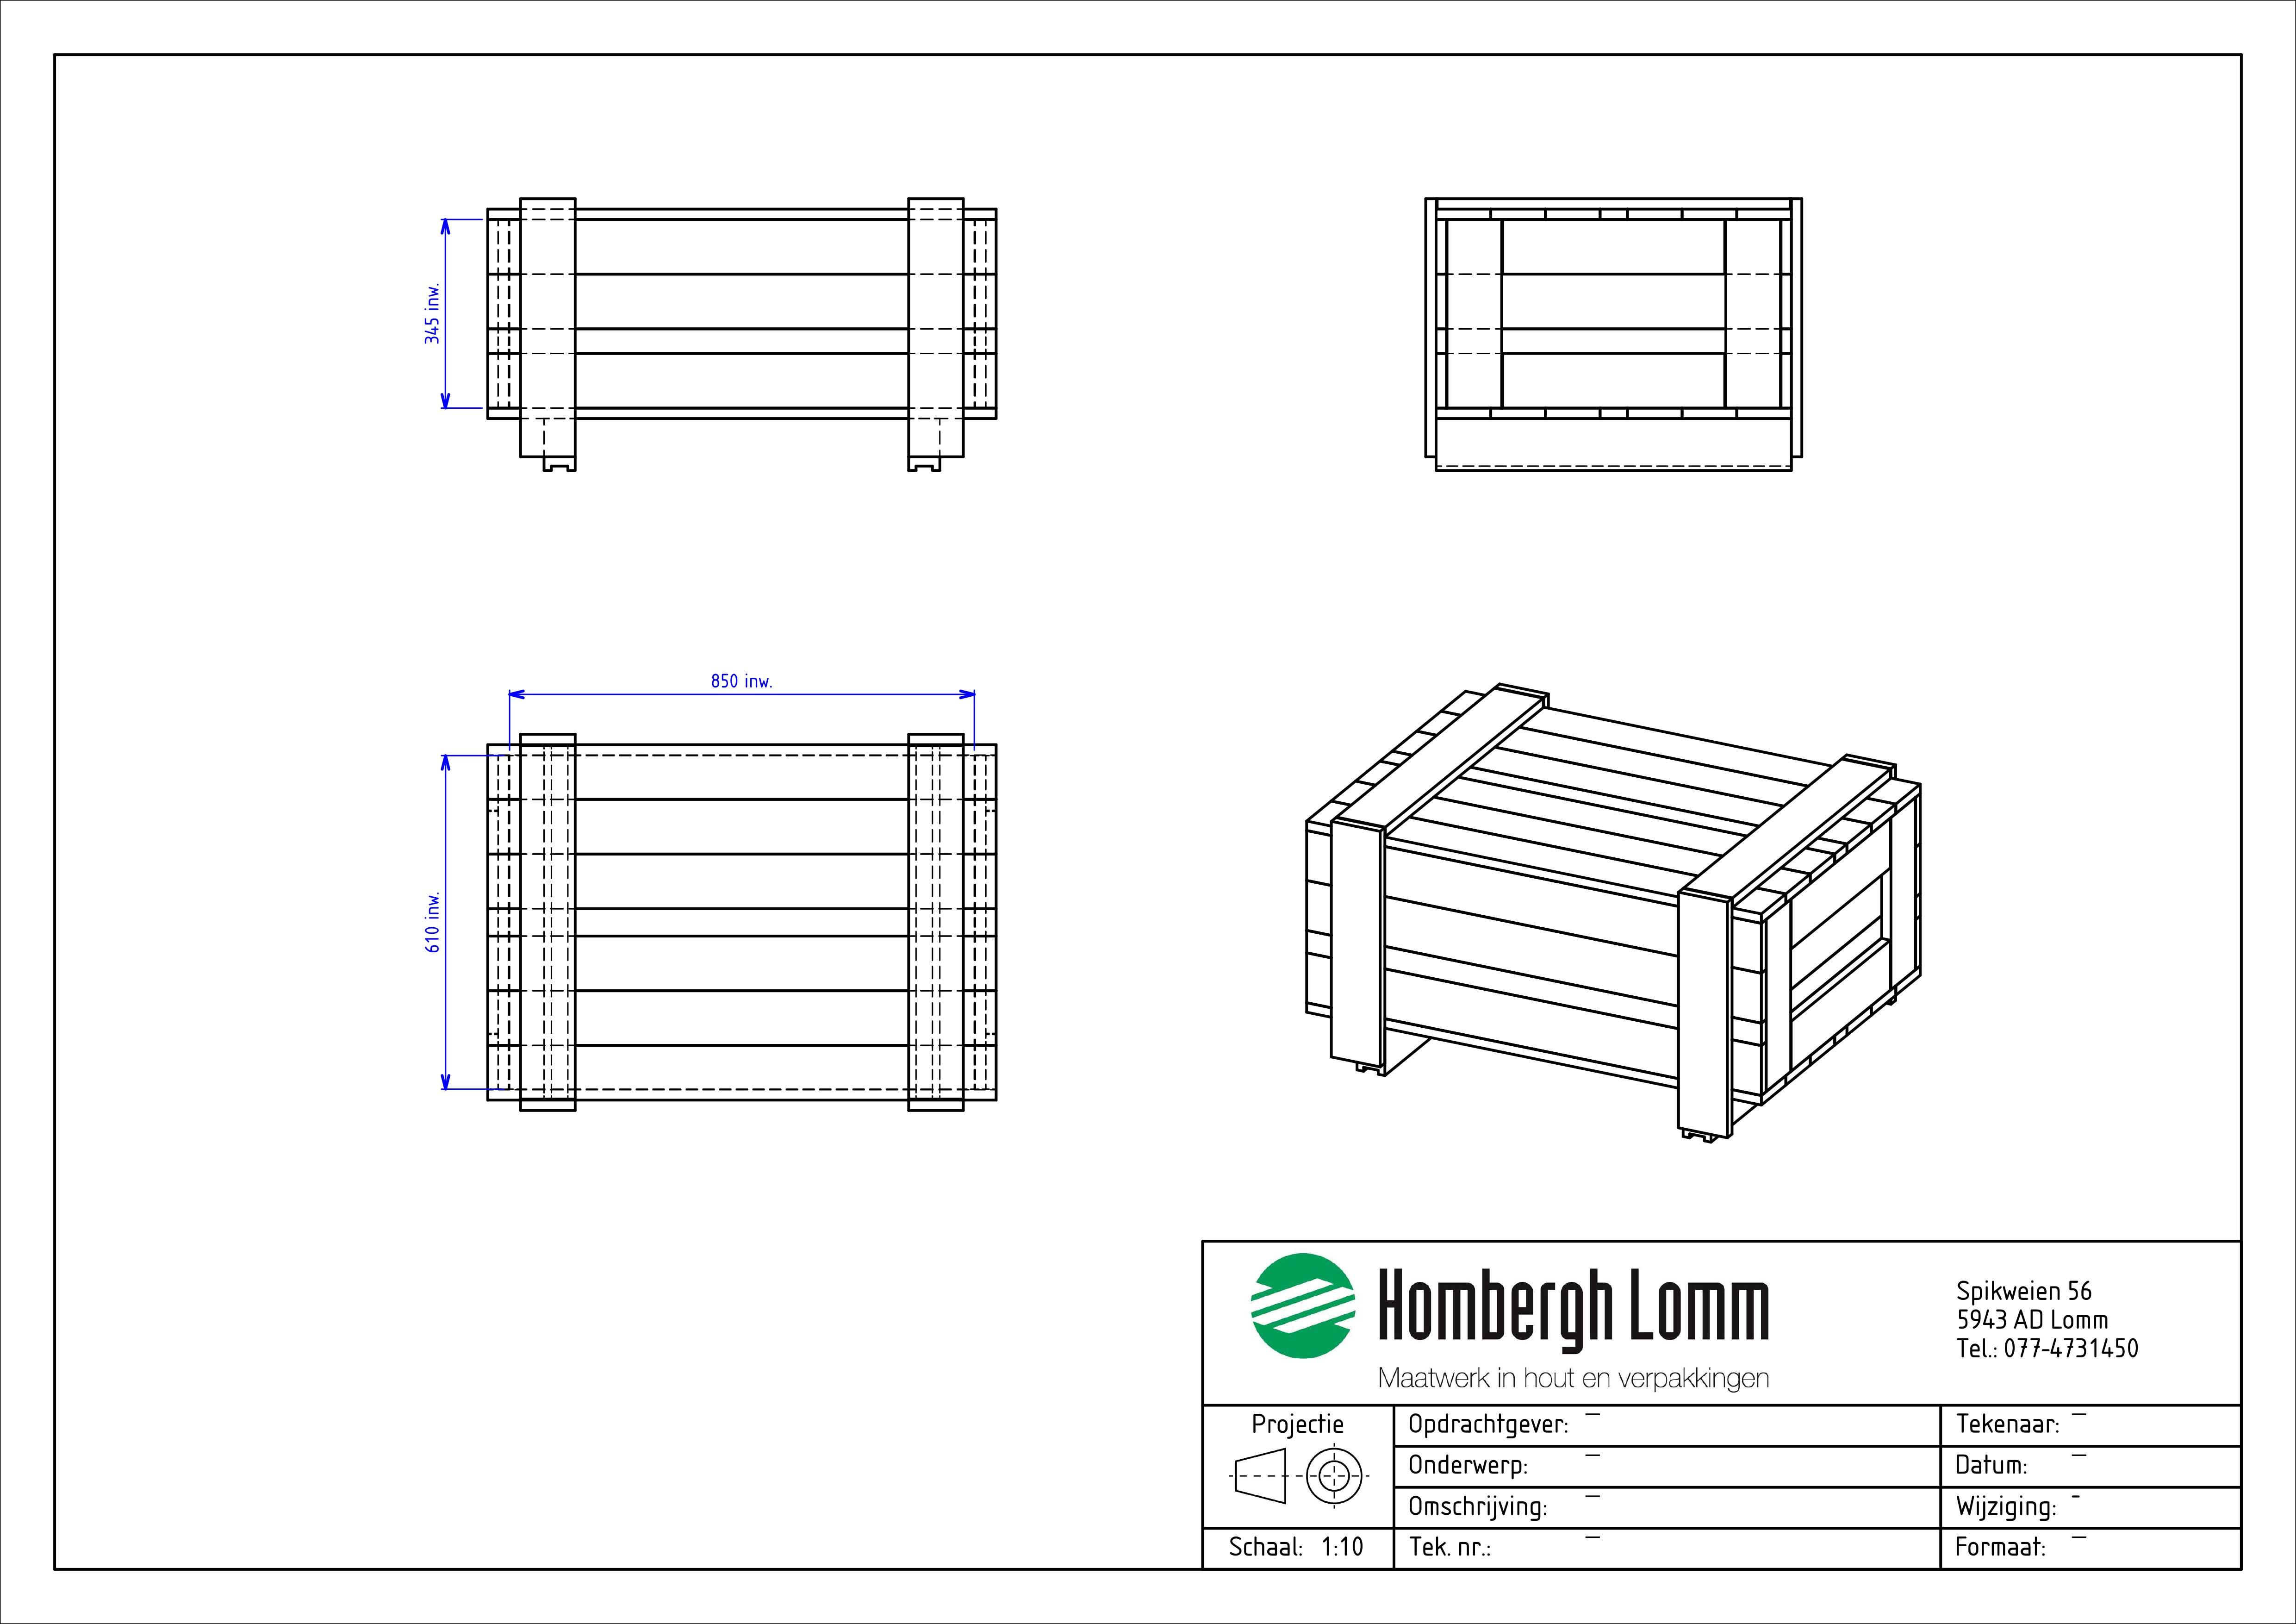 Voorbeeld 2 kist